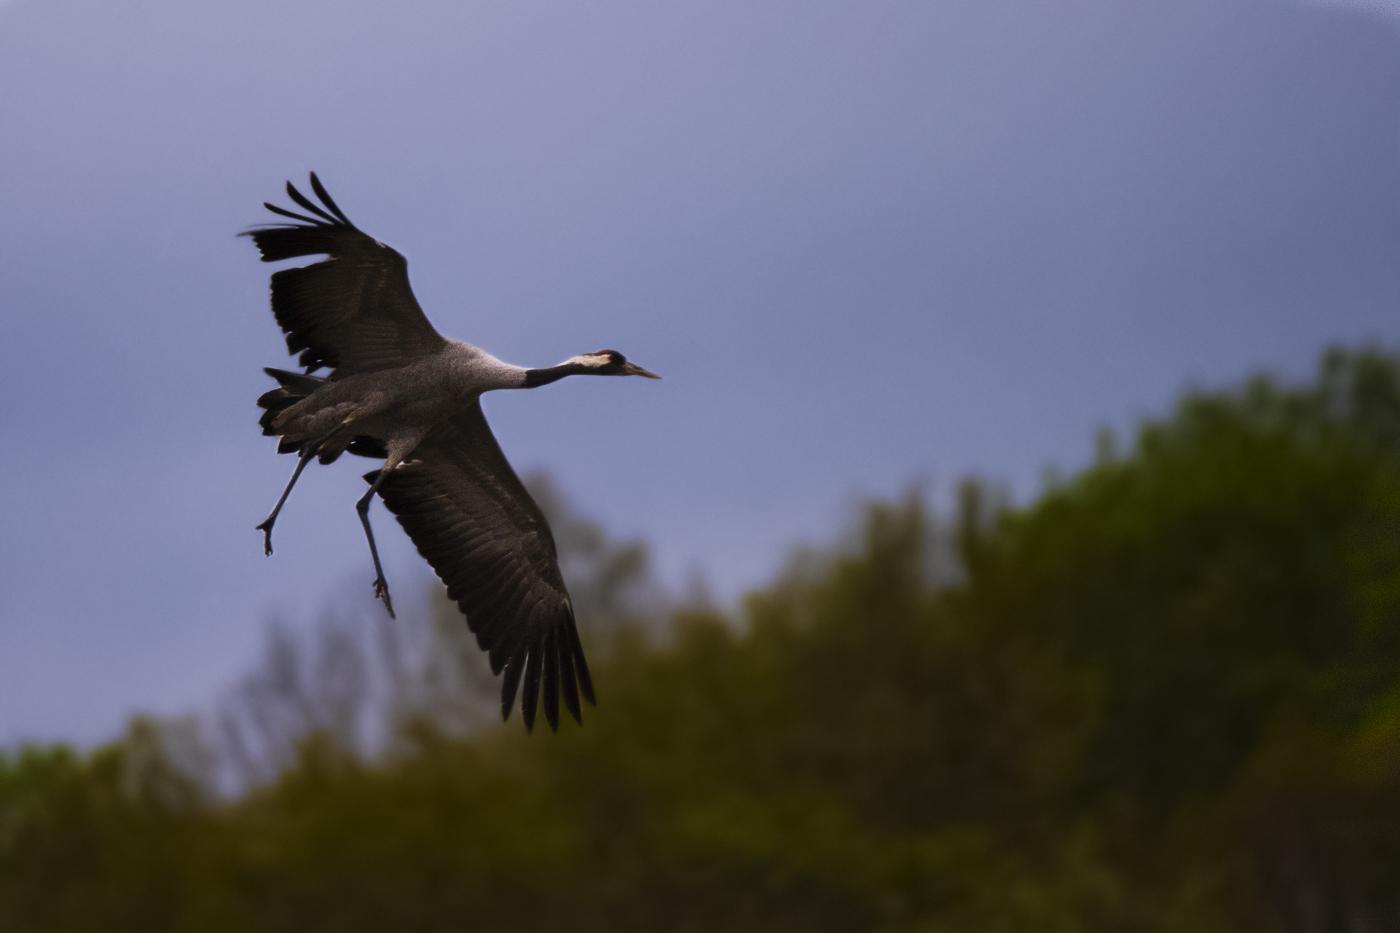 cranes_Galleri_4